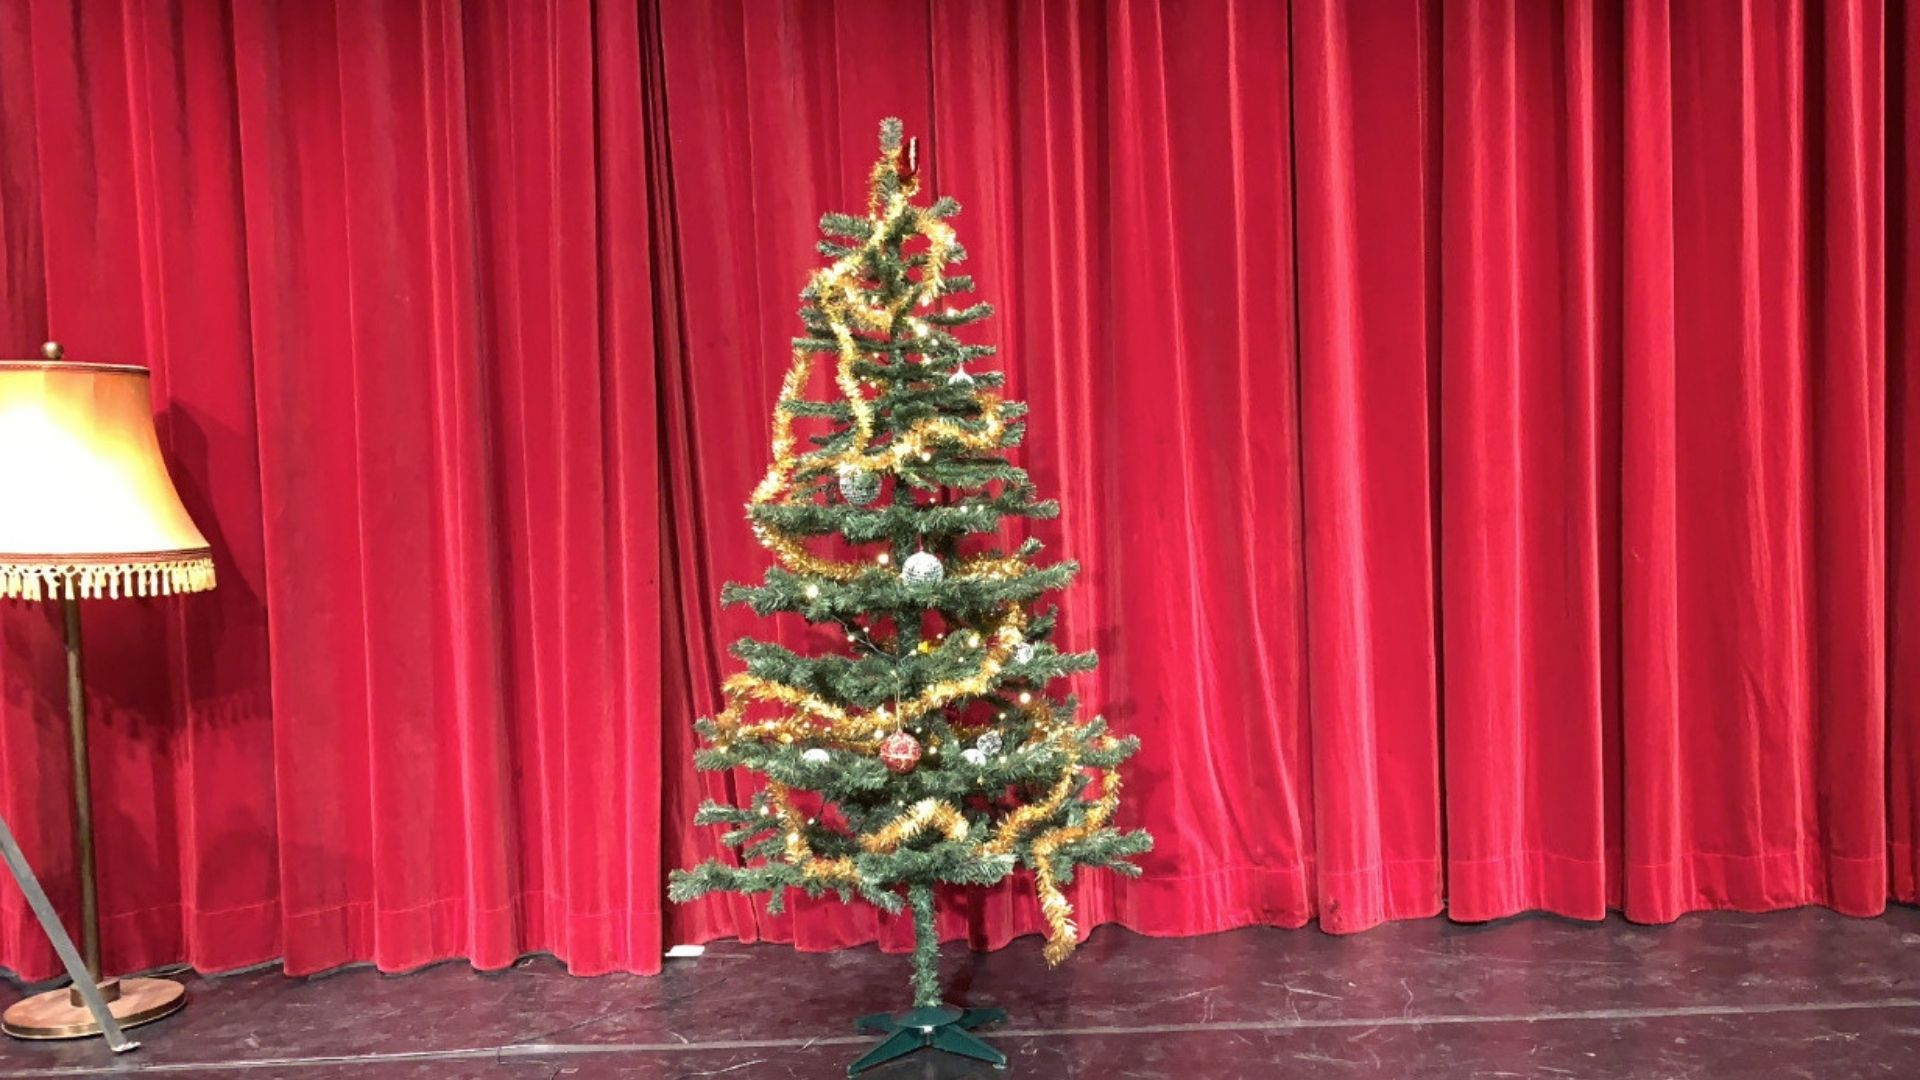 Bühne mit Weihnachtsbaum vor rotem Vorhang